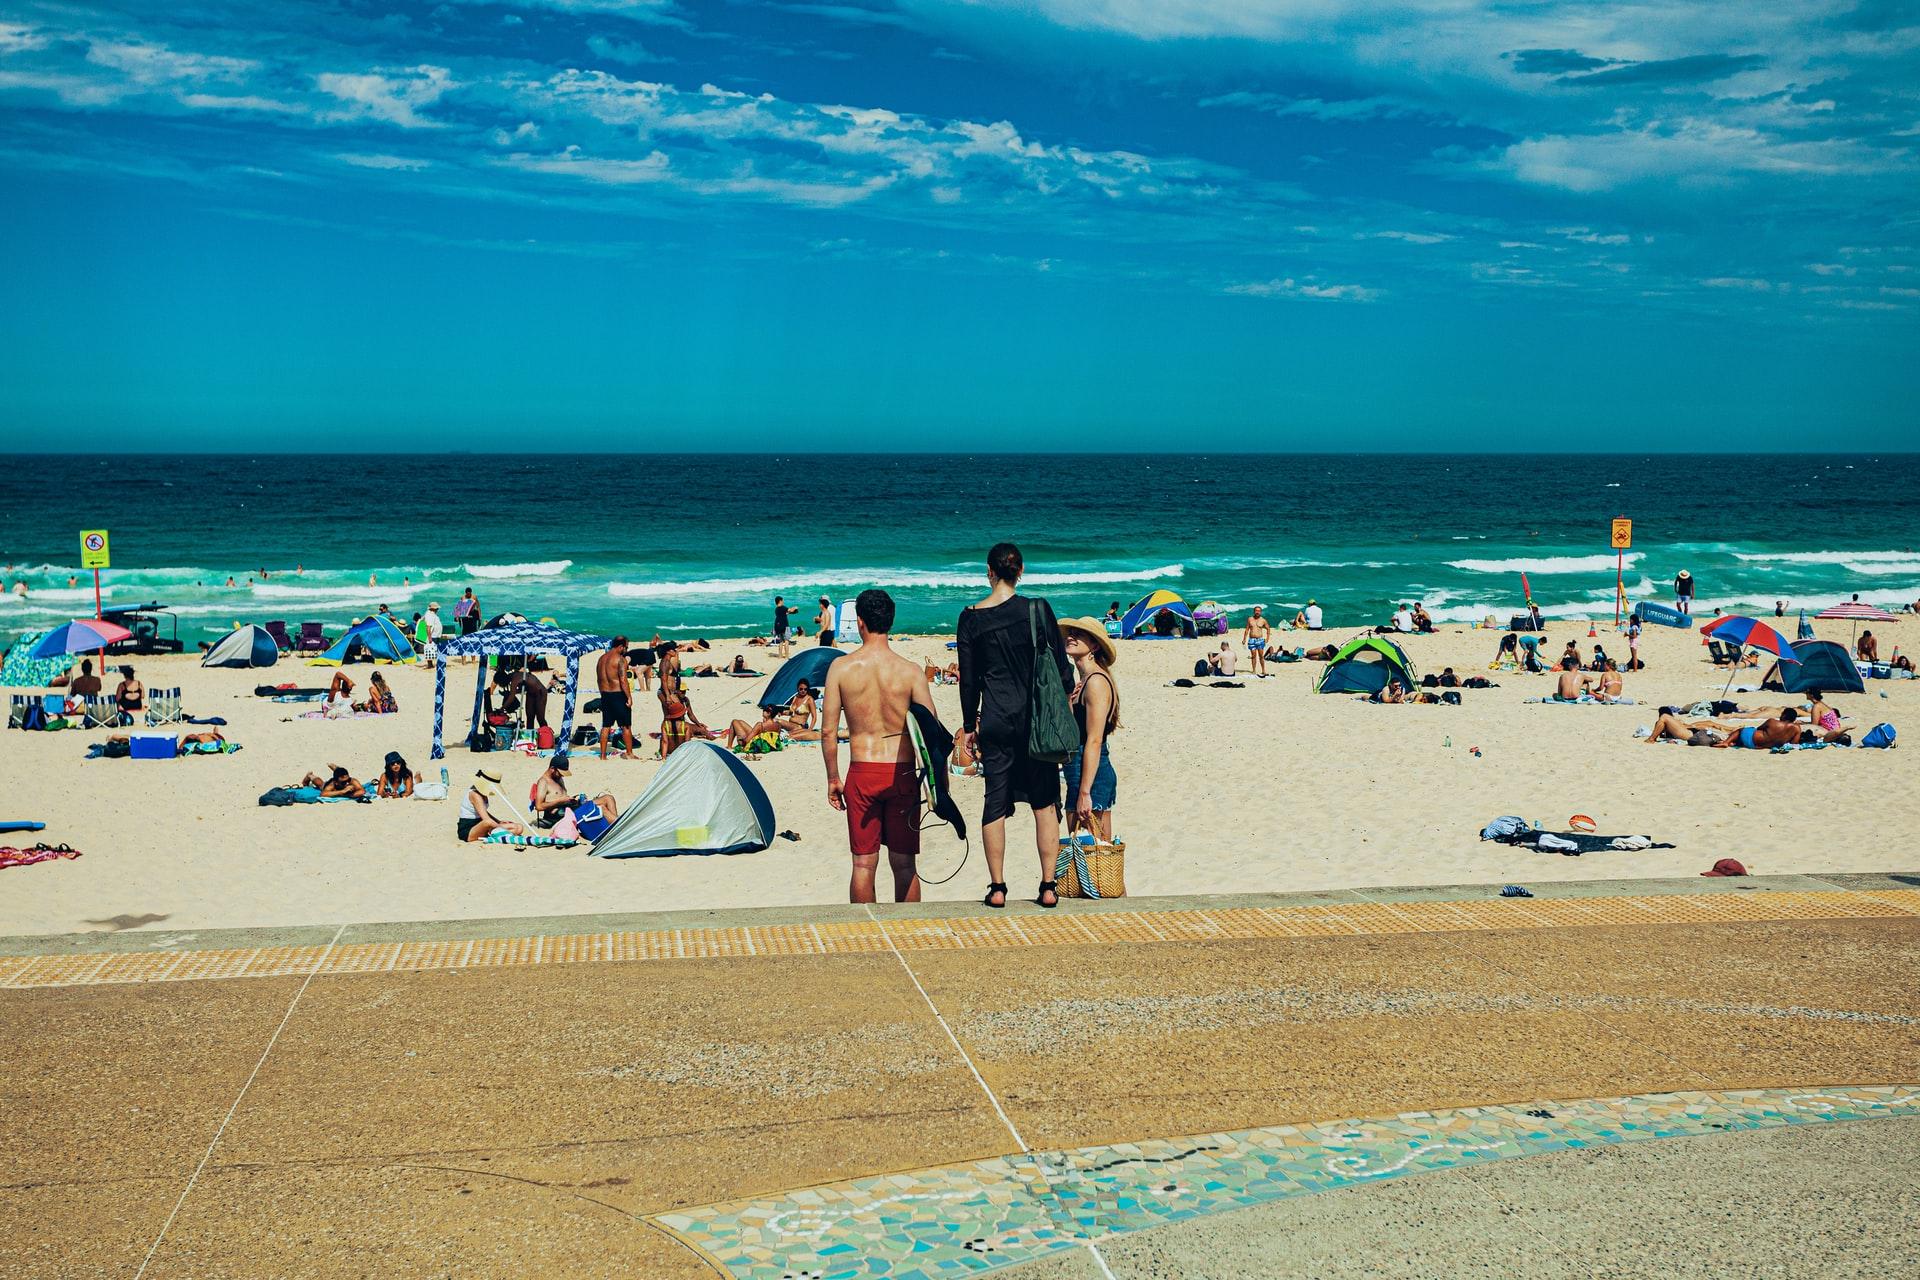 maroubra beach 2035